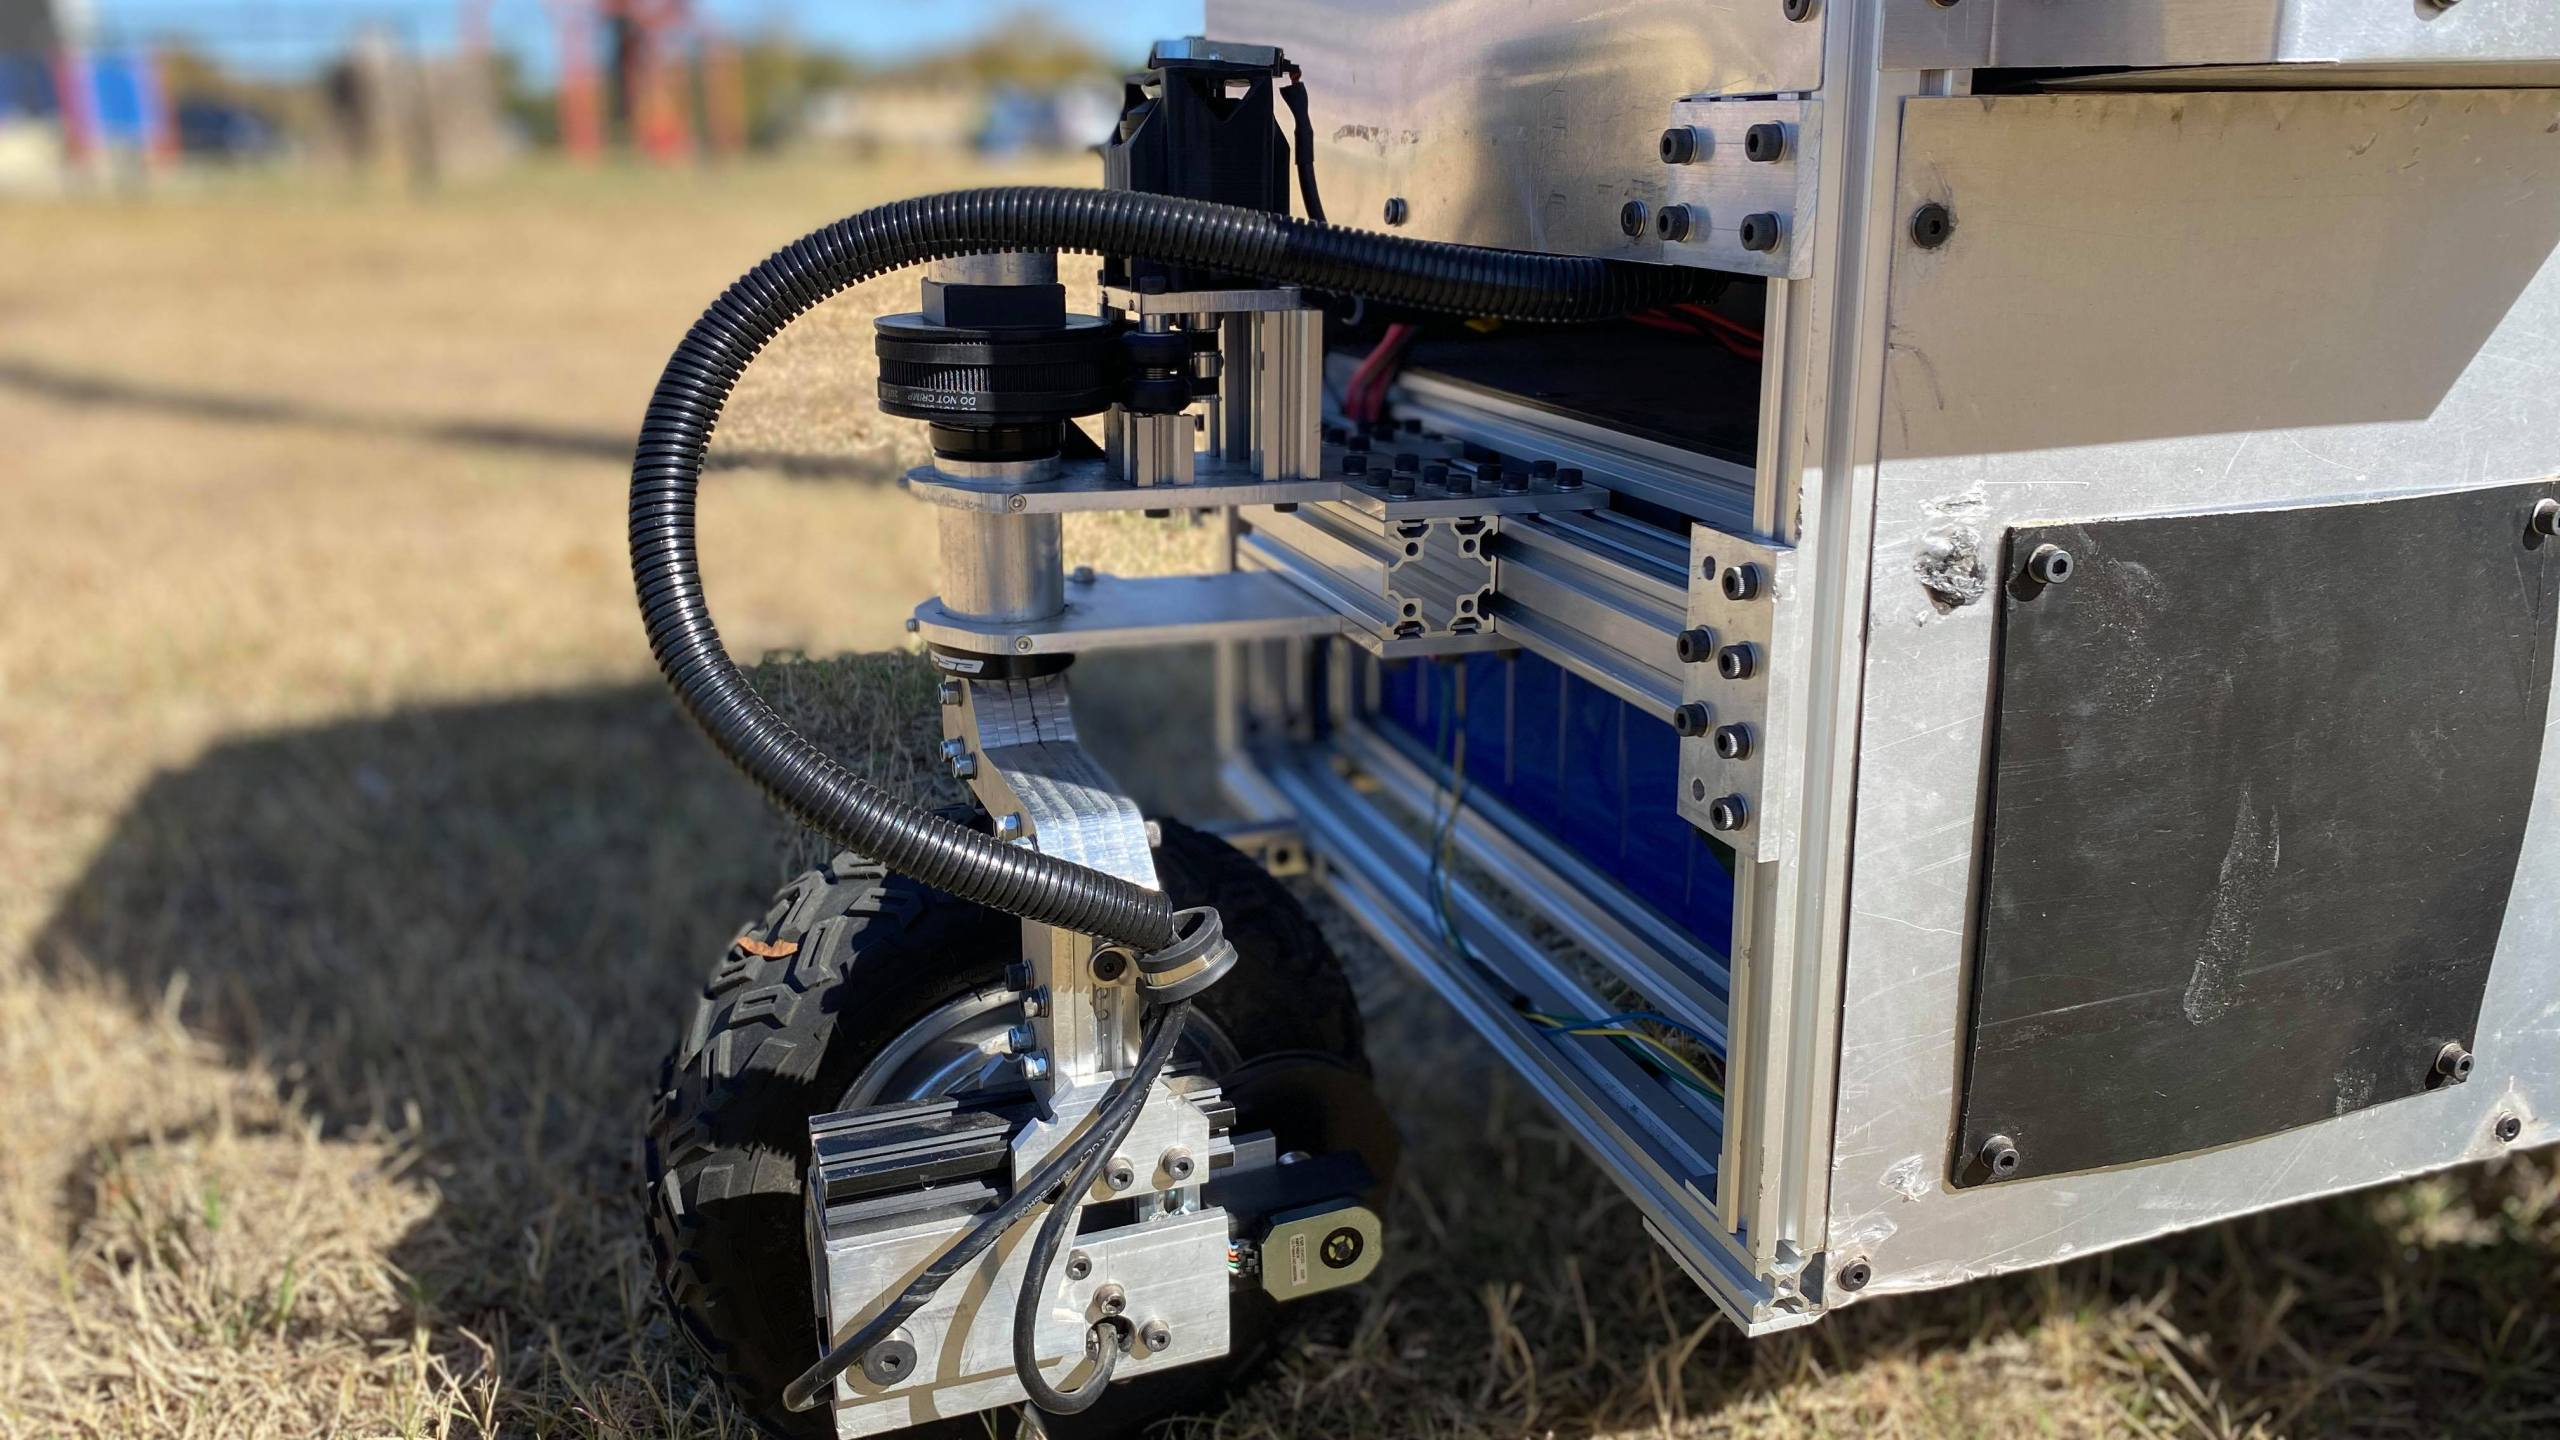 Litter cleanup robot (KXAN/Kaitlyn Karmout)